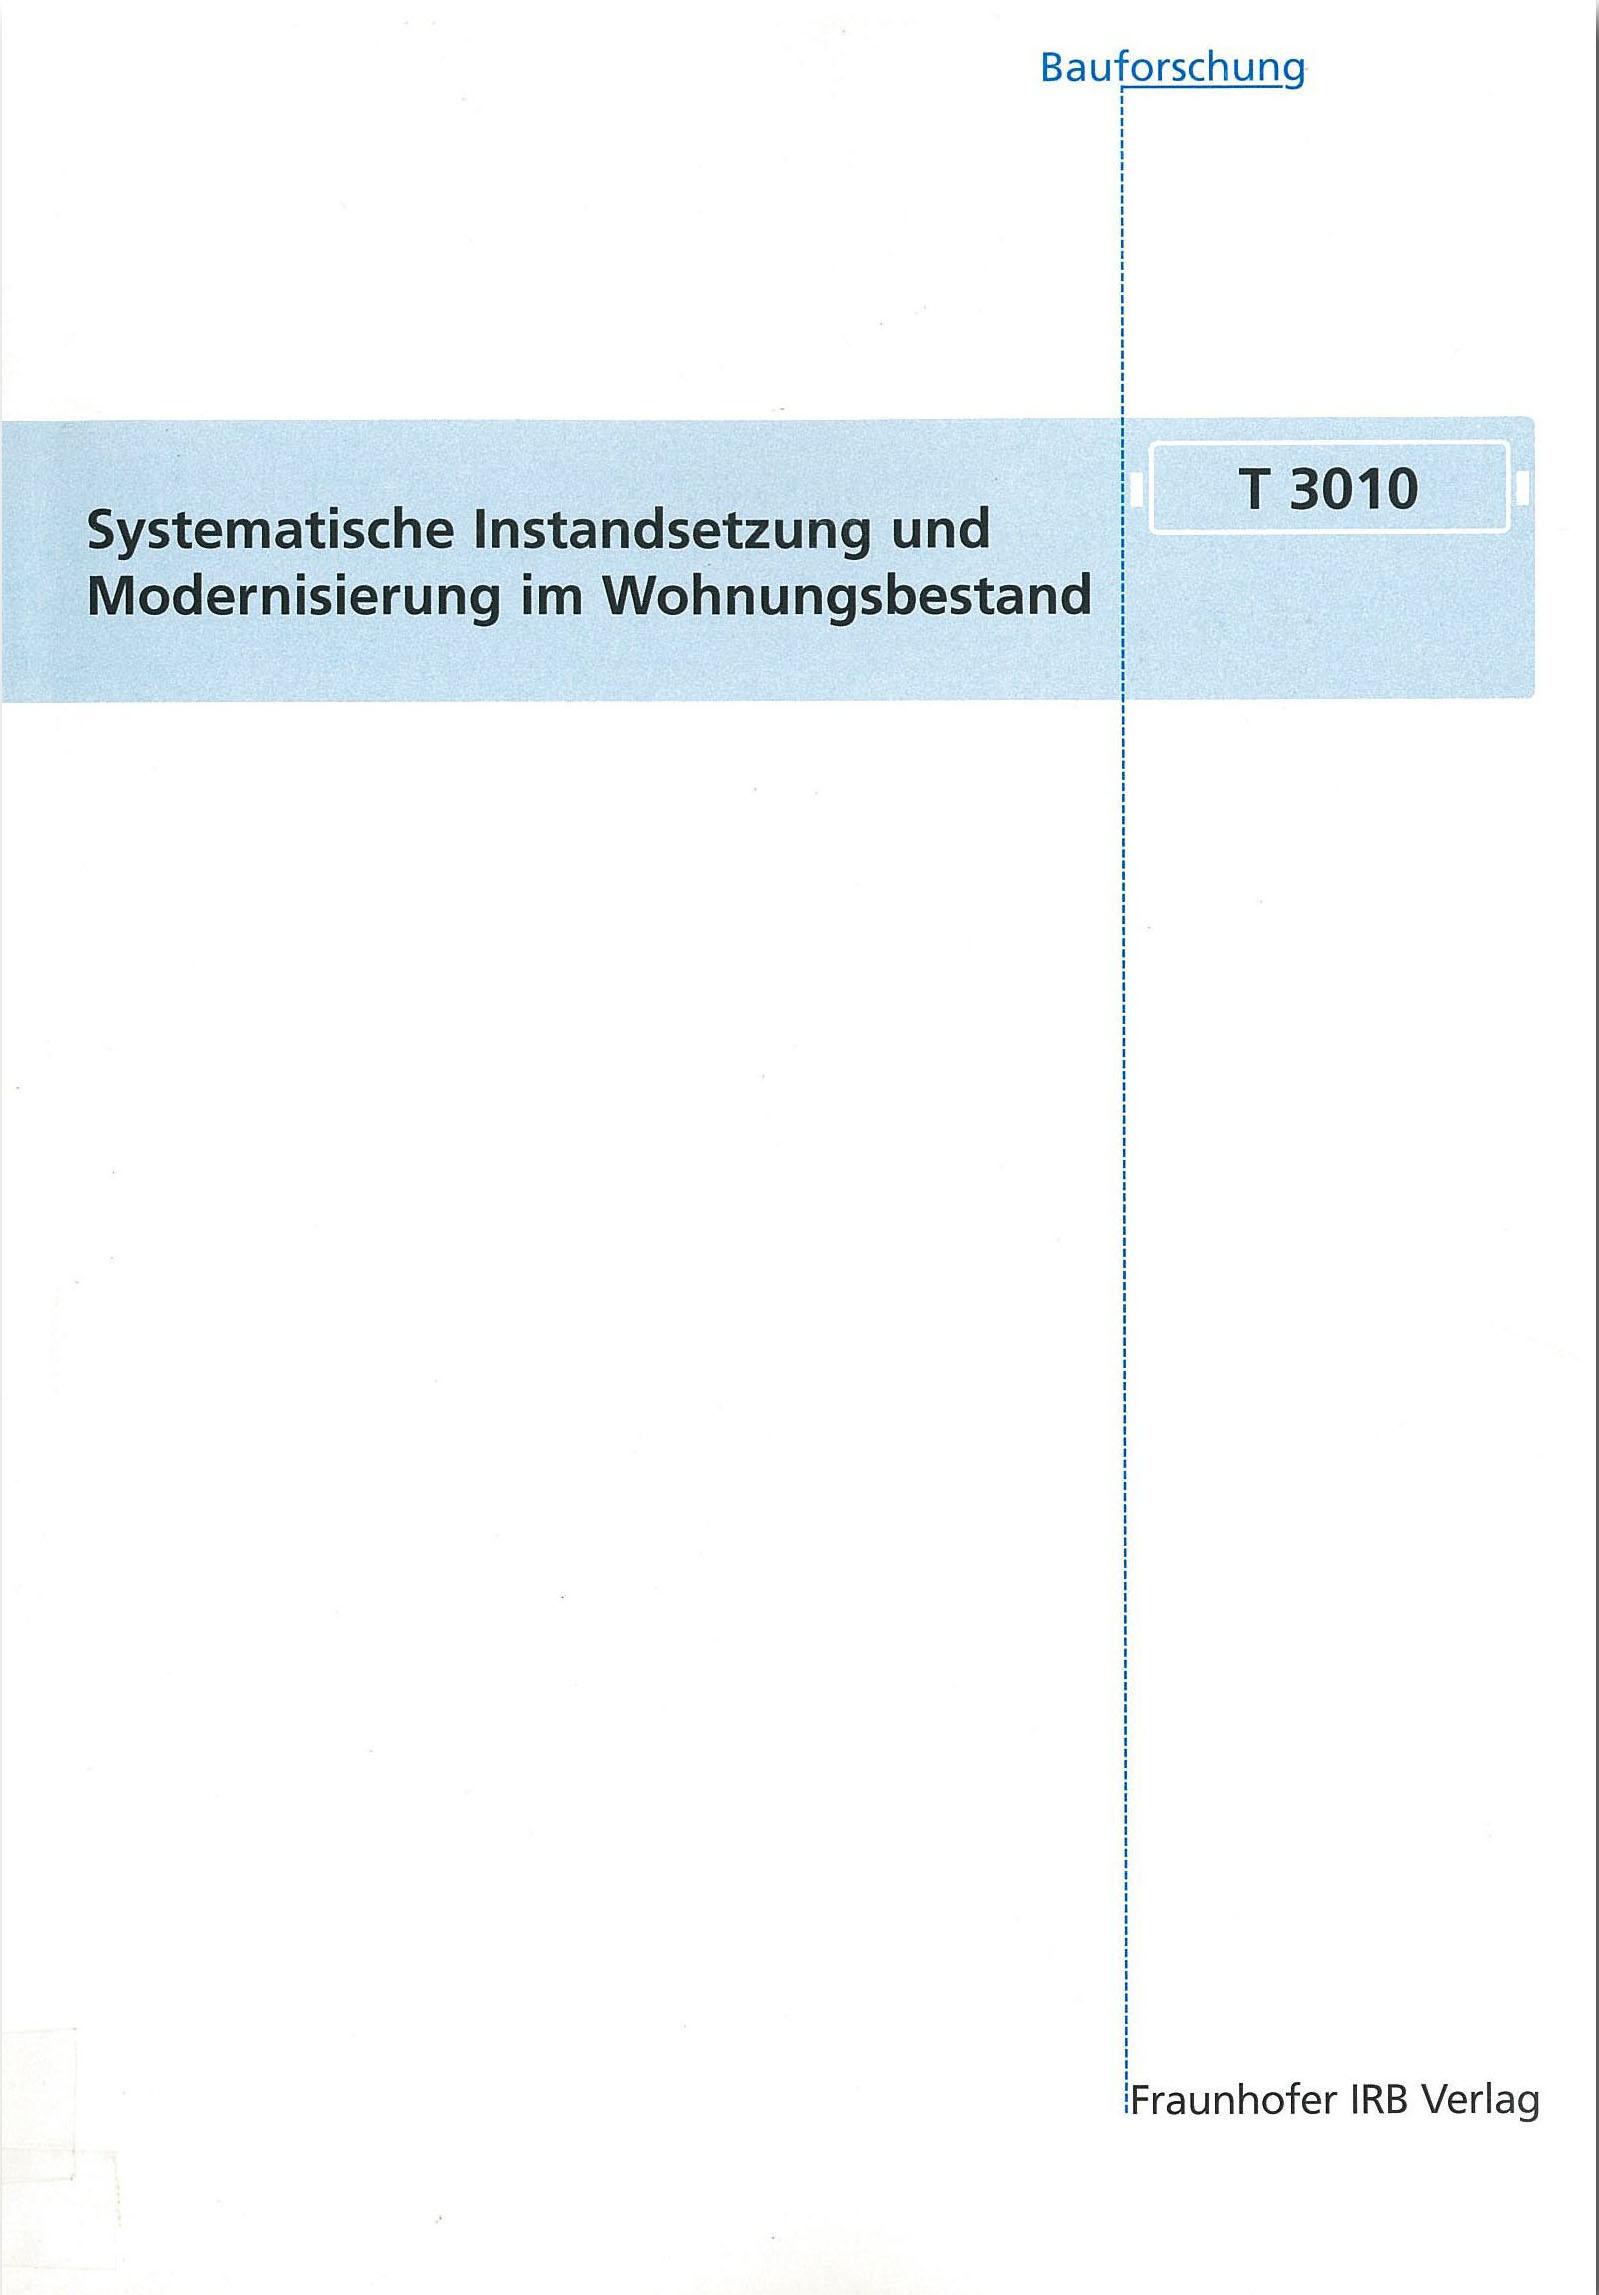 Systematische Instandsetzung und Modernisierung im Wohnungsbestand